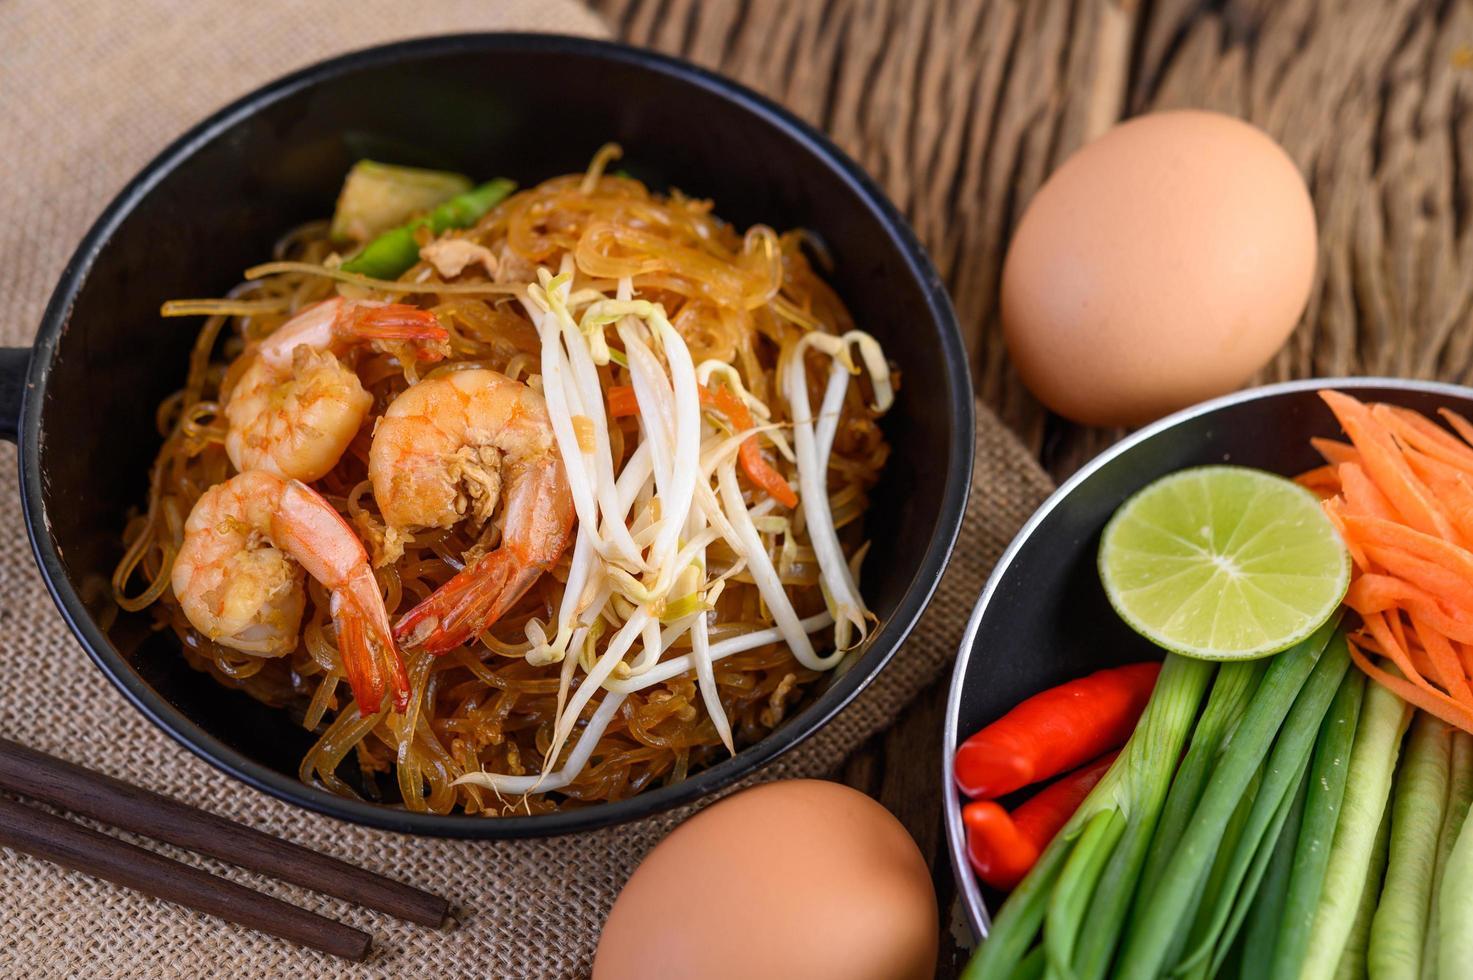 pad thai camarones en una sartén negra con huevos y condimento foto